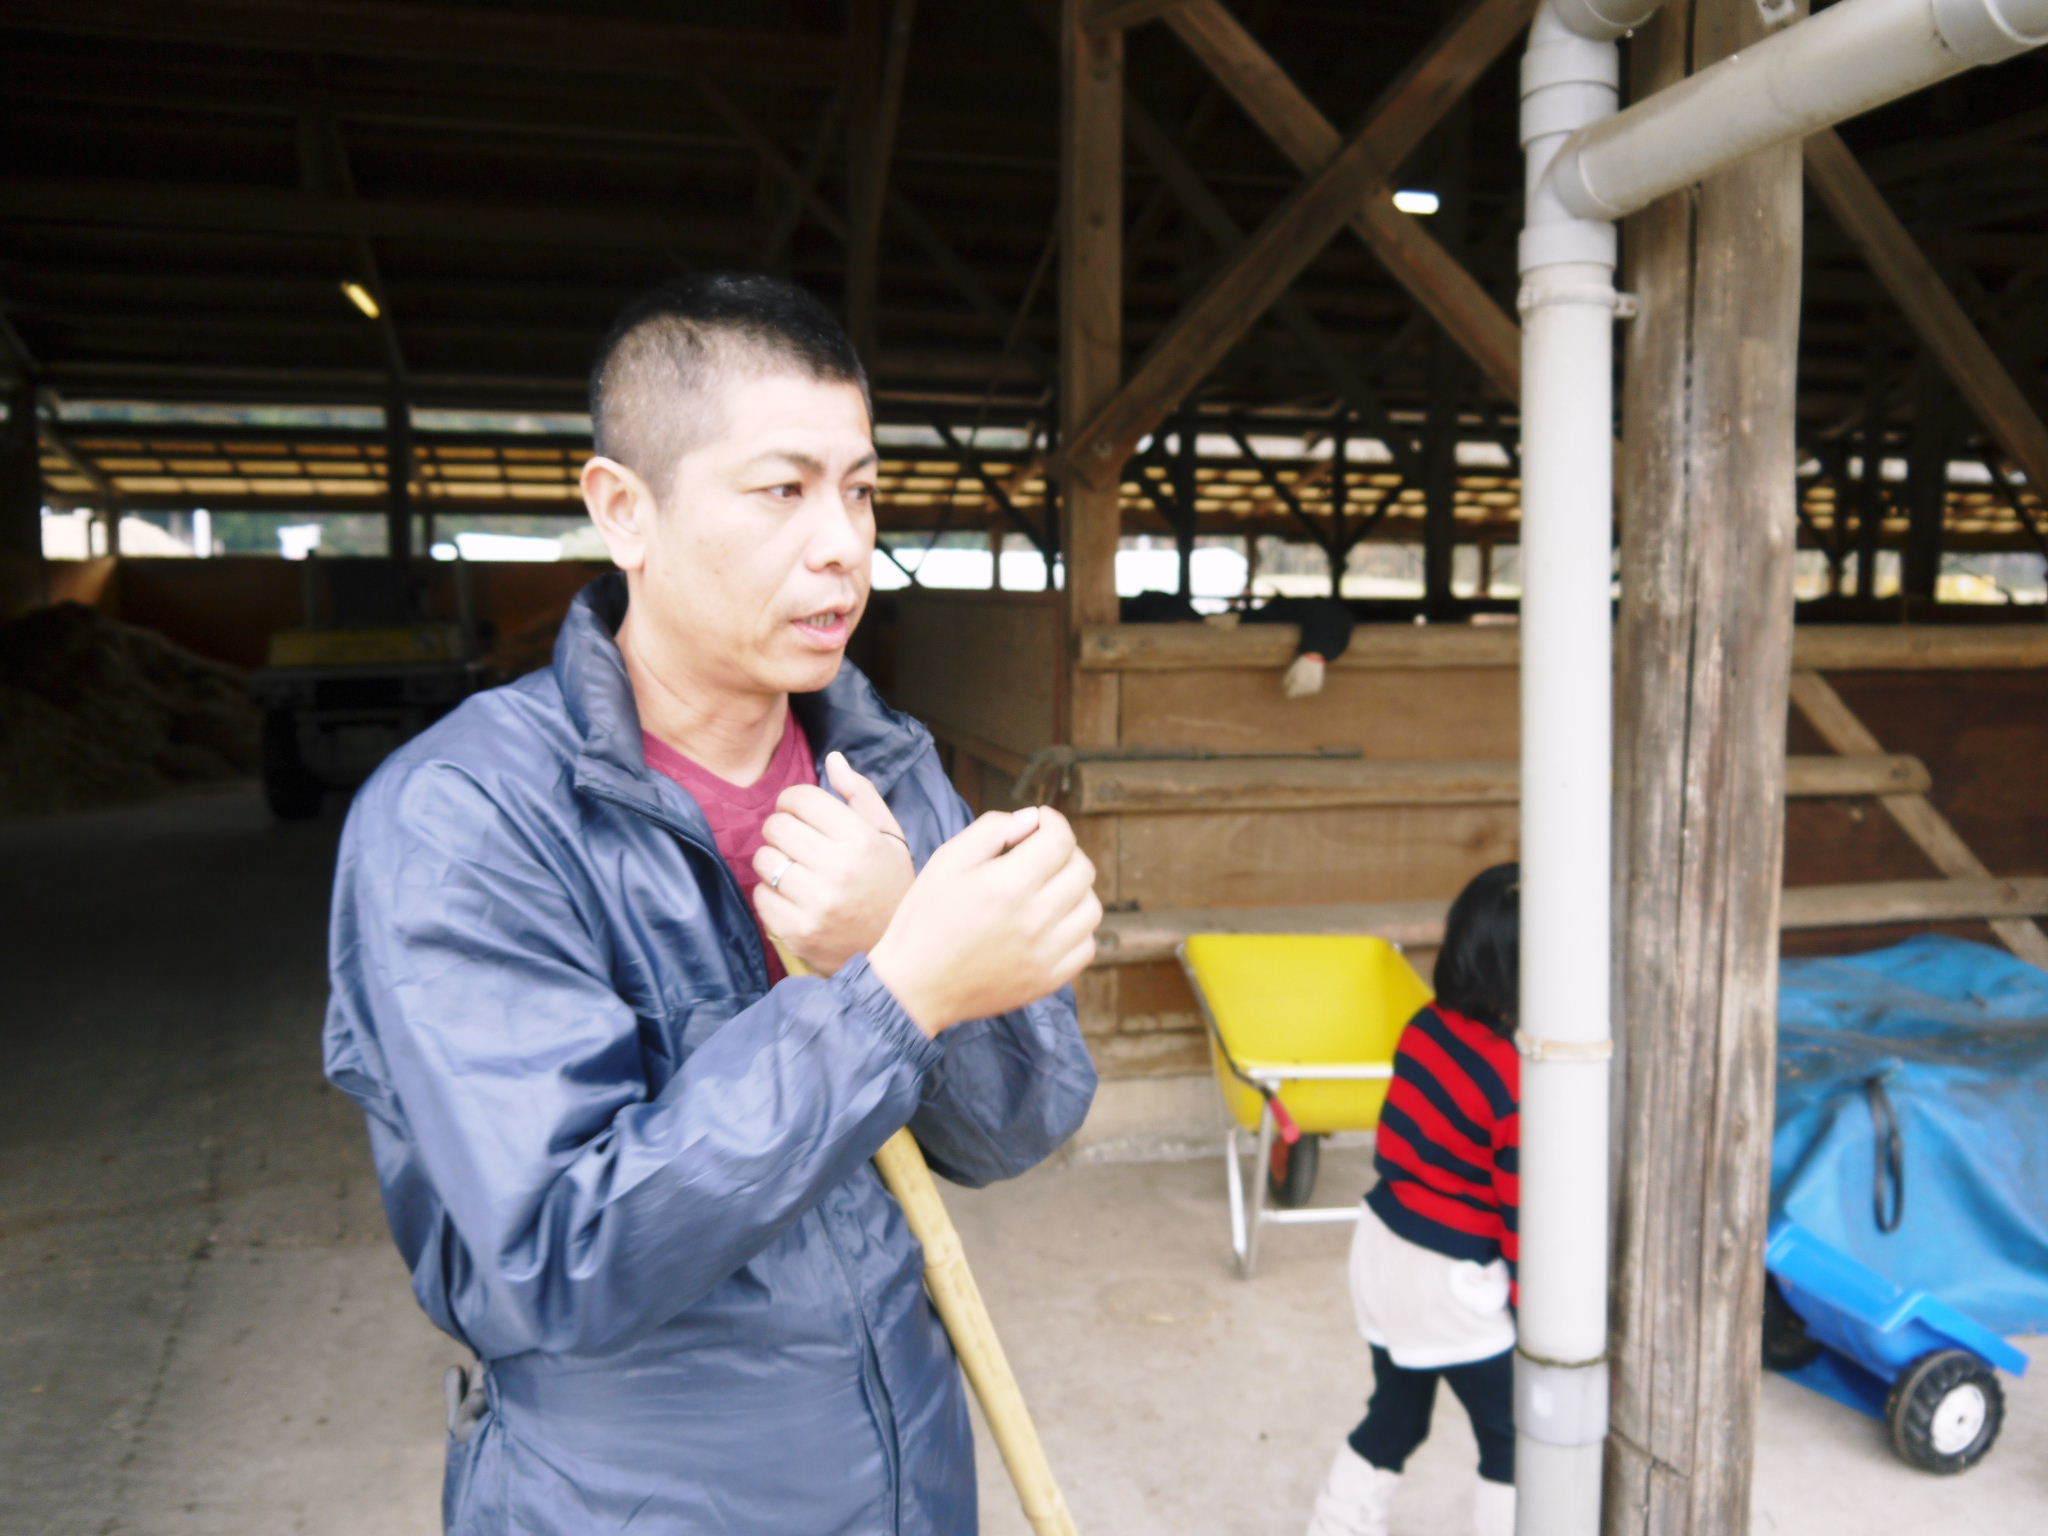 熊本県産の黒毛和牛を100%のハンバーグステーキ!11月25日(水)出荷分残りわずか!ギフト包装も対応します _a0254656_17440953.jpg